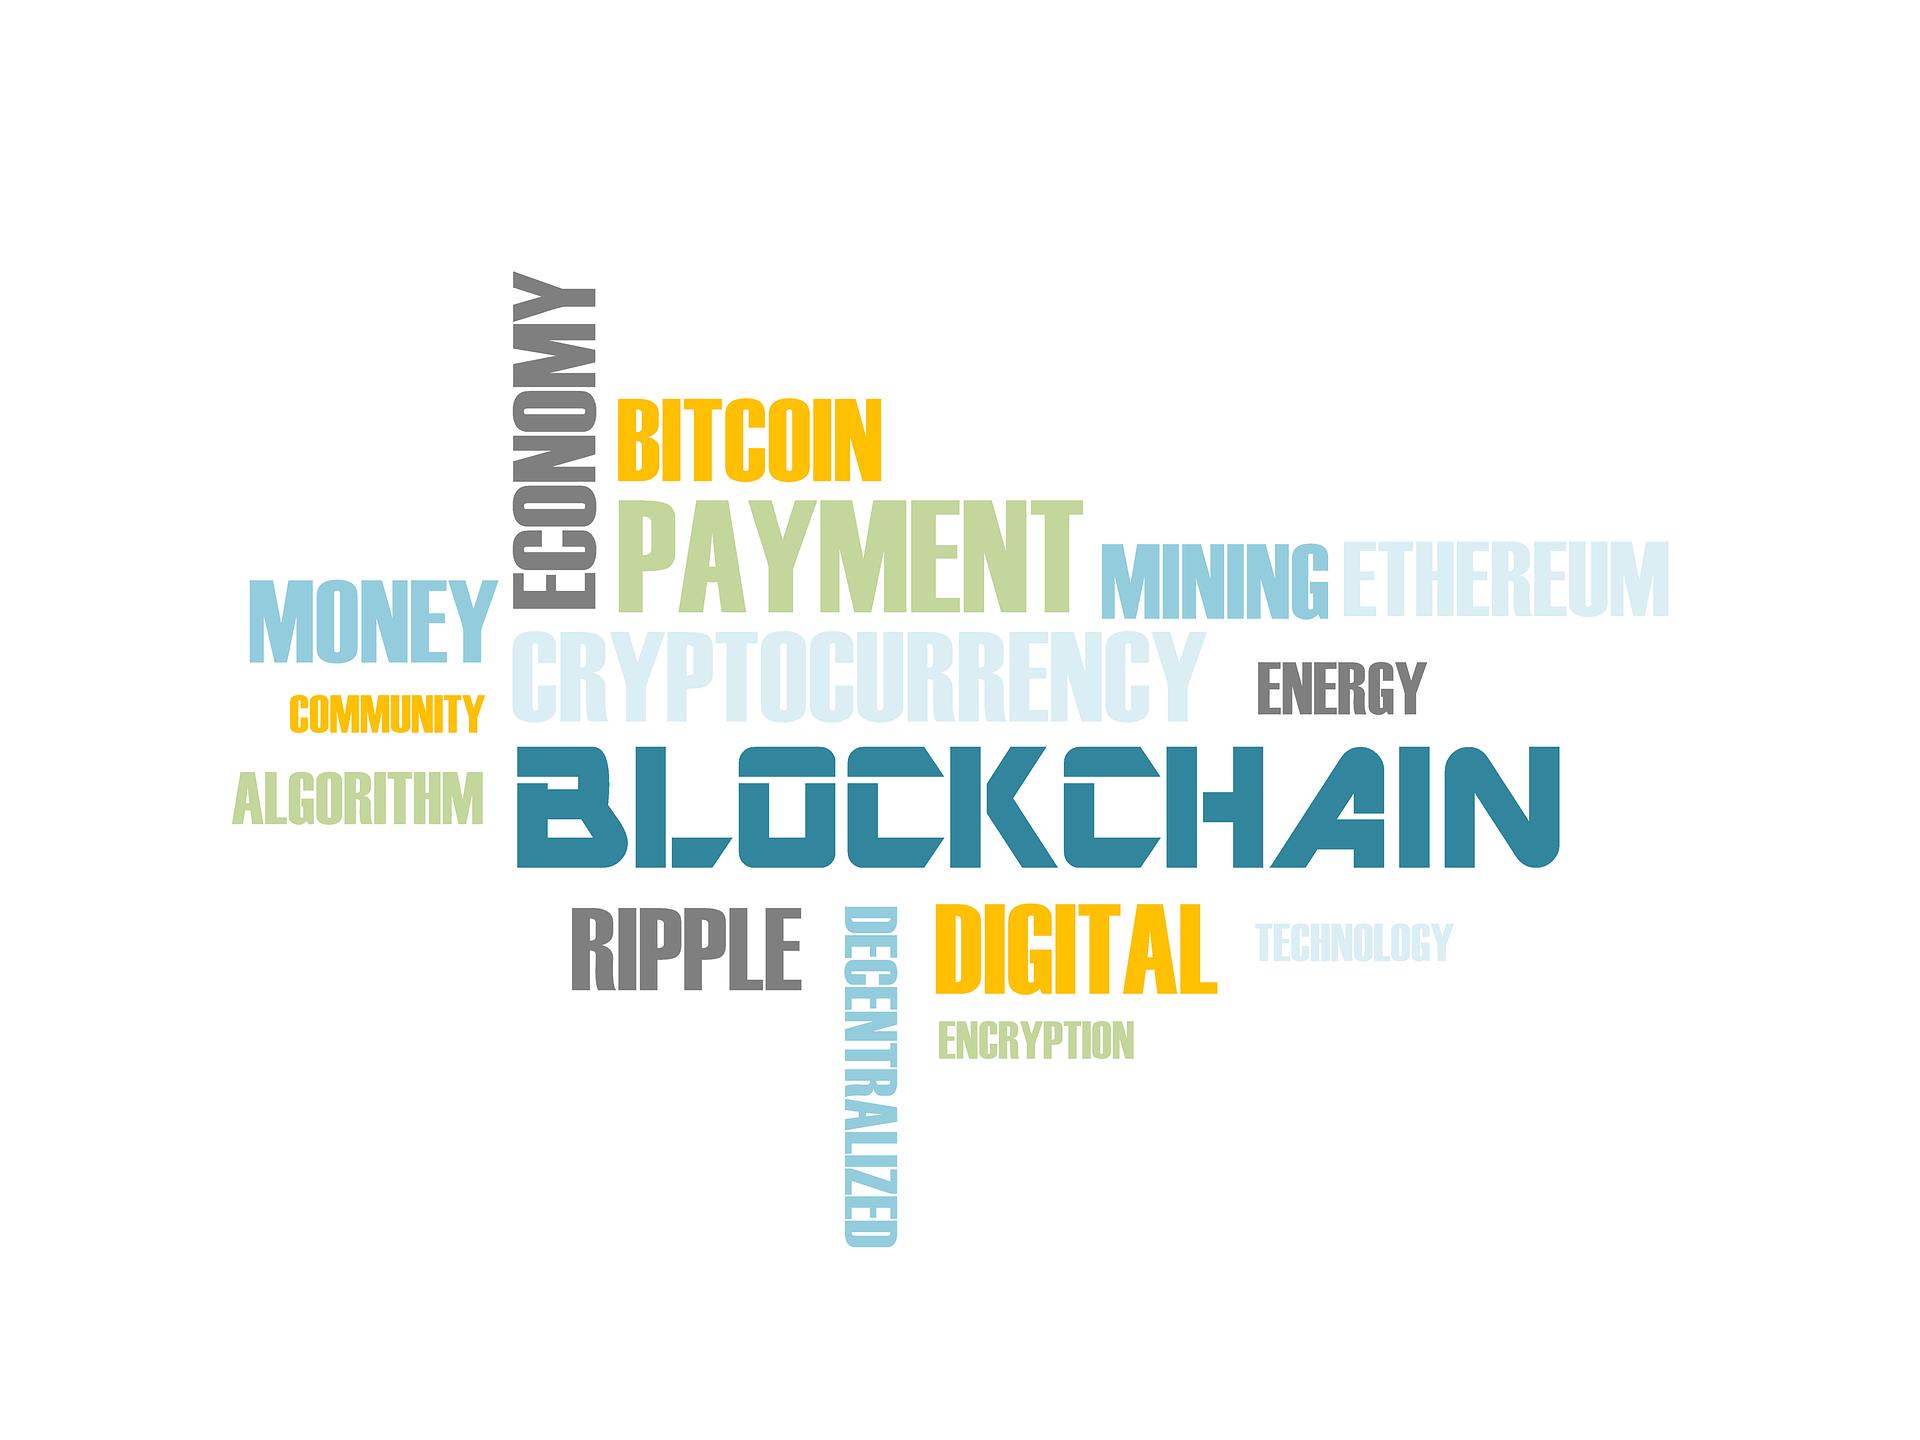 Erstellung einer Blockchain-Wallet